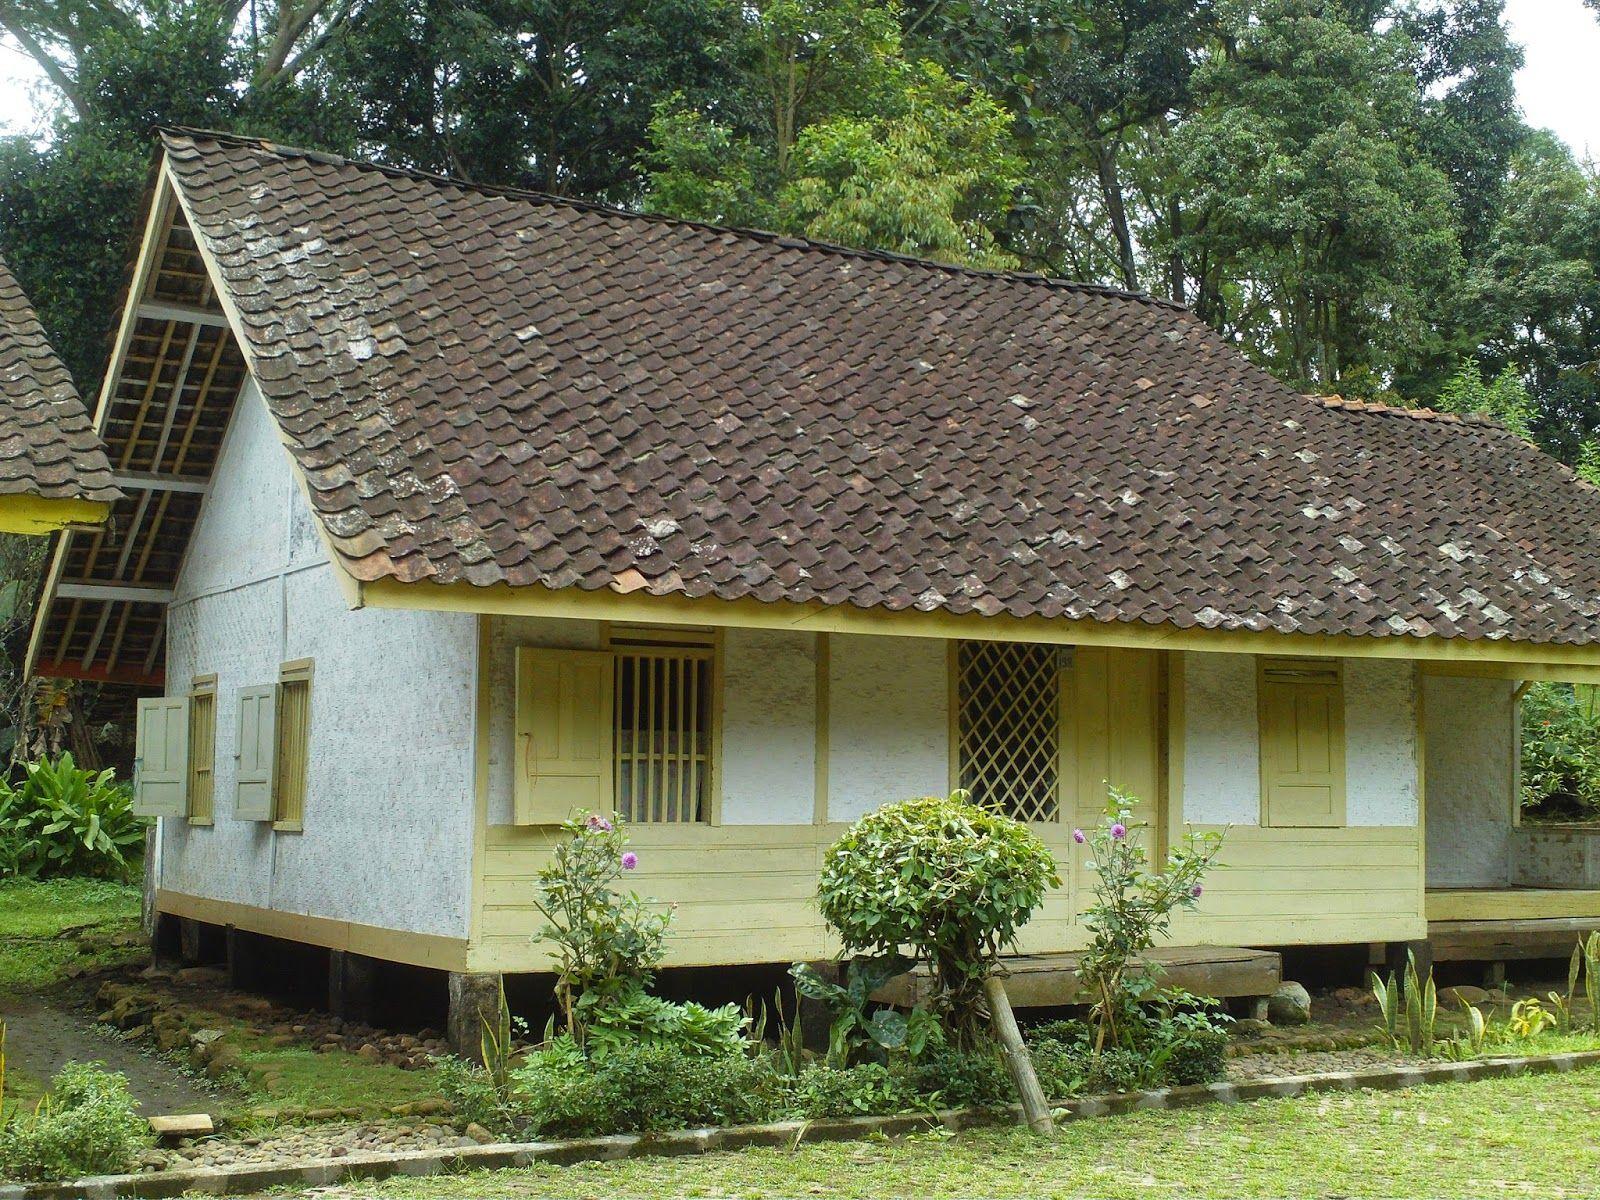 Rumah adat Sunda di desa Cangkuang, Kecamatan Leles, Garut